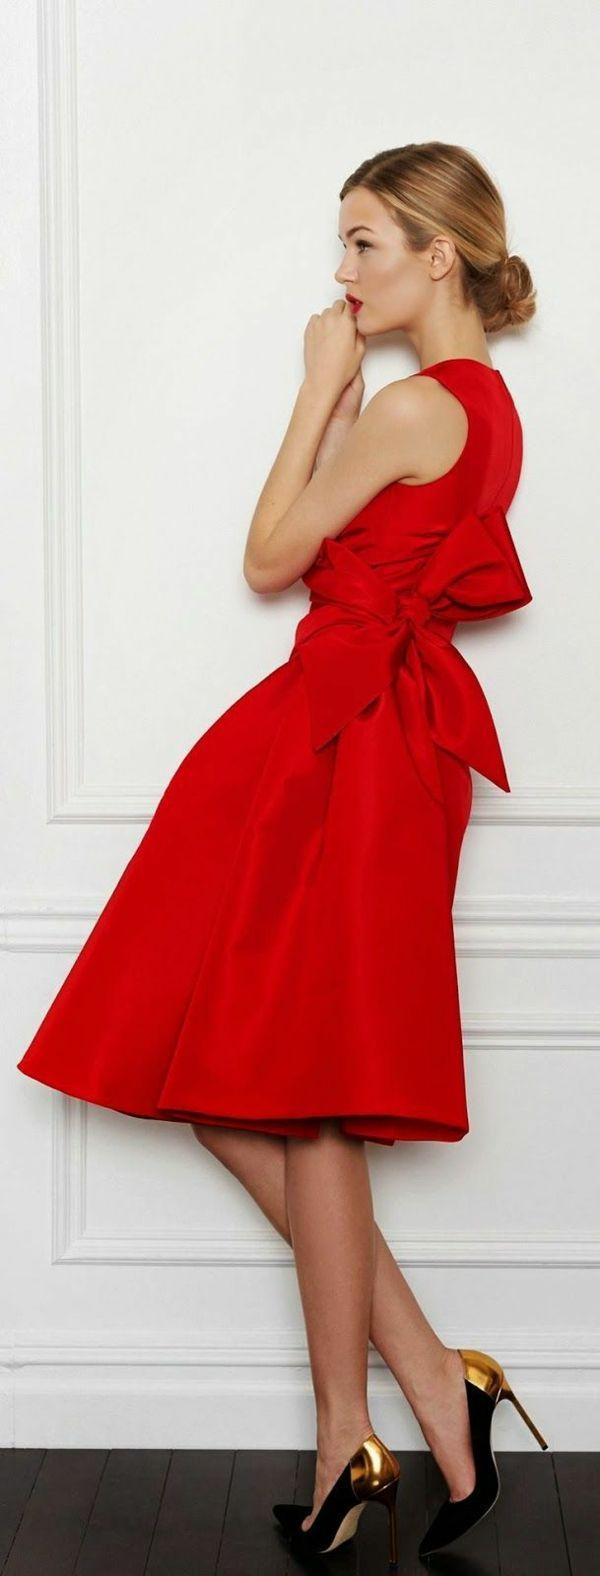 rotes kleid kaufen welche frauen tragen gern rot rot mode und rote kleider. Black Bedroom Furniture Sets. Home Design Ideas